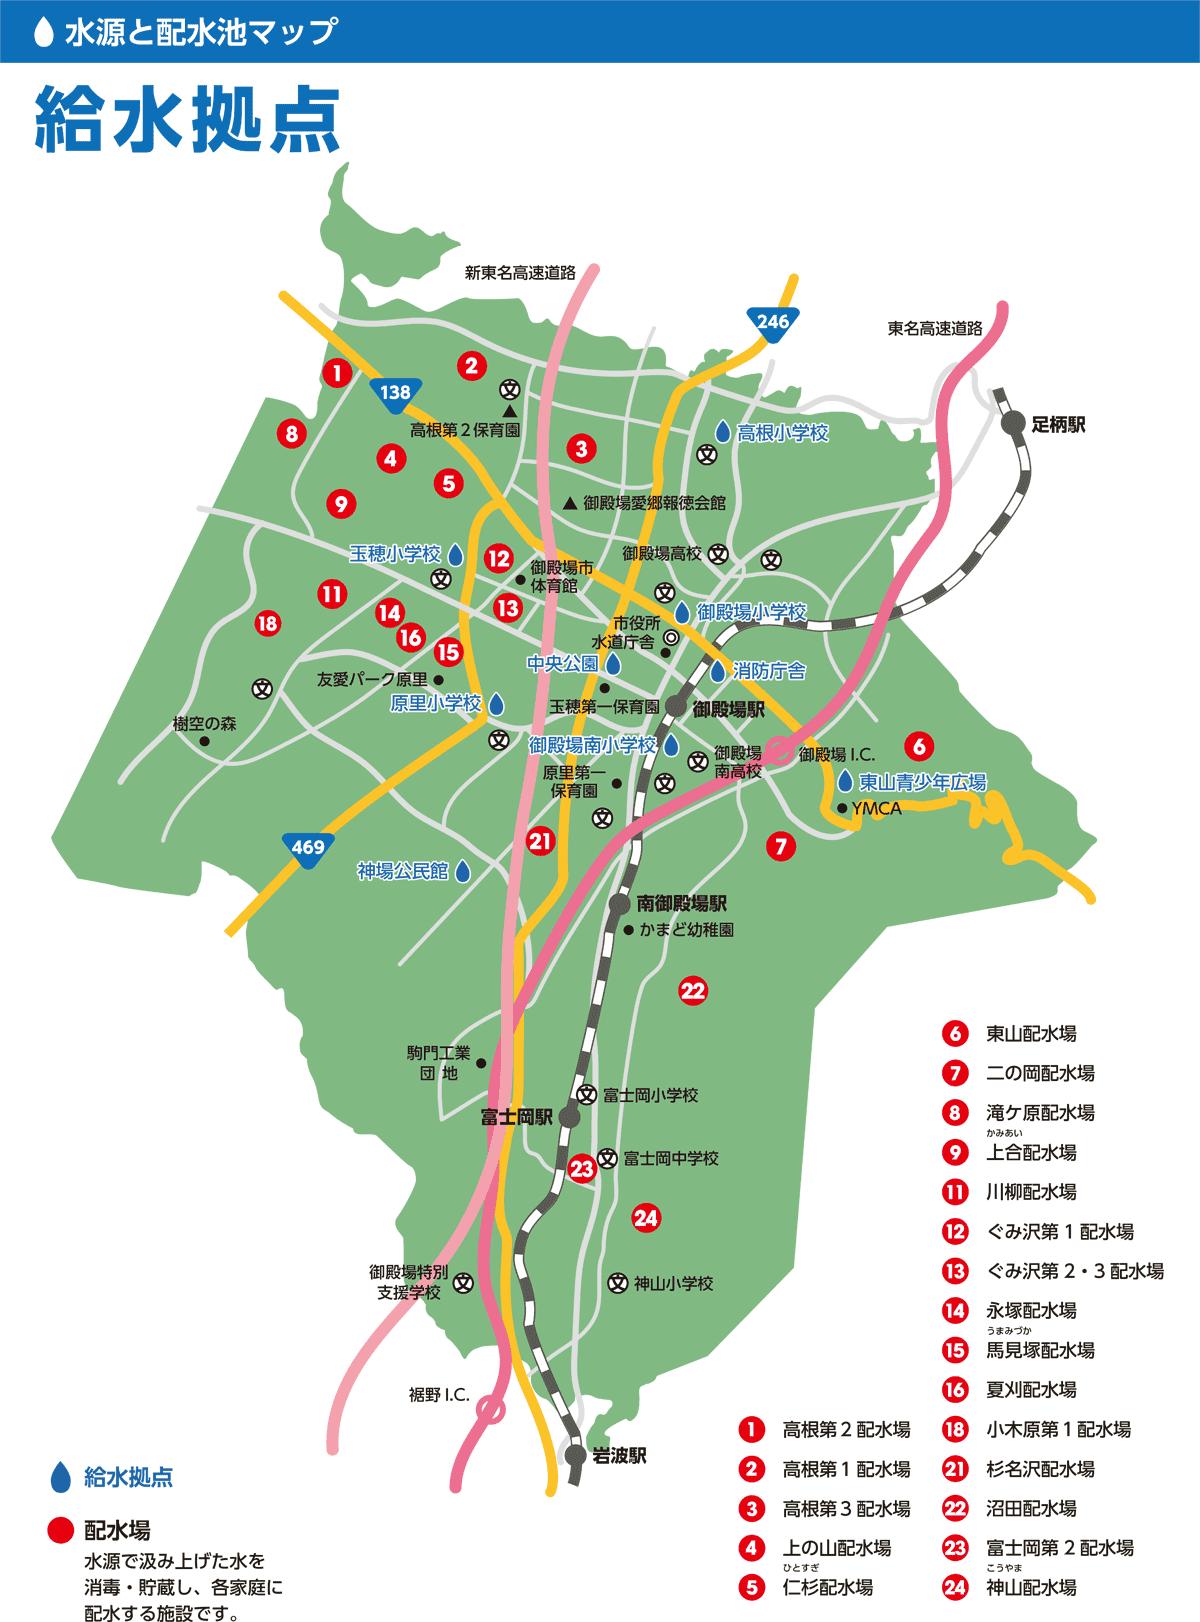 御殿場市の「配水場と給水拠点マップ」